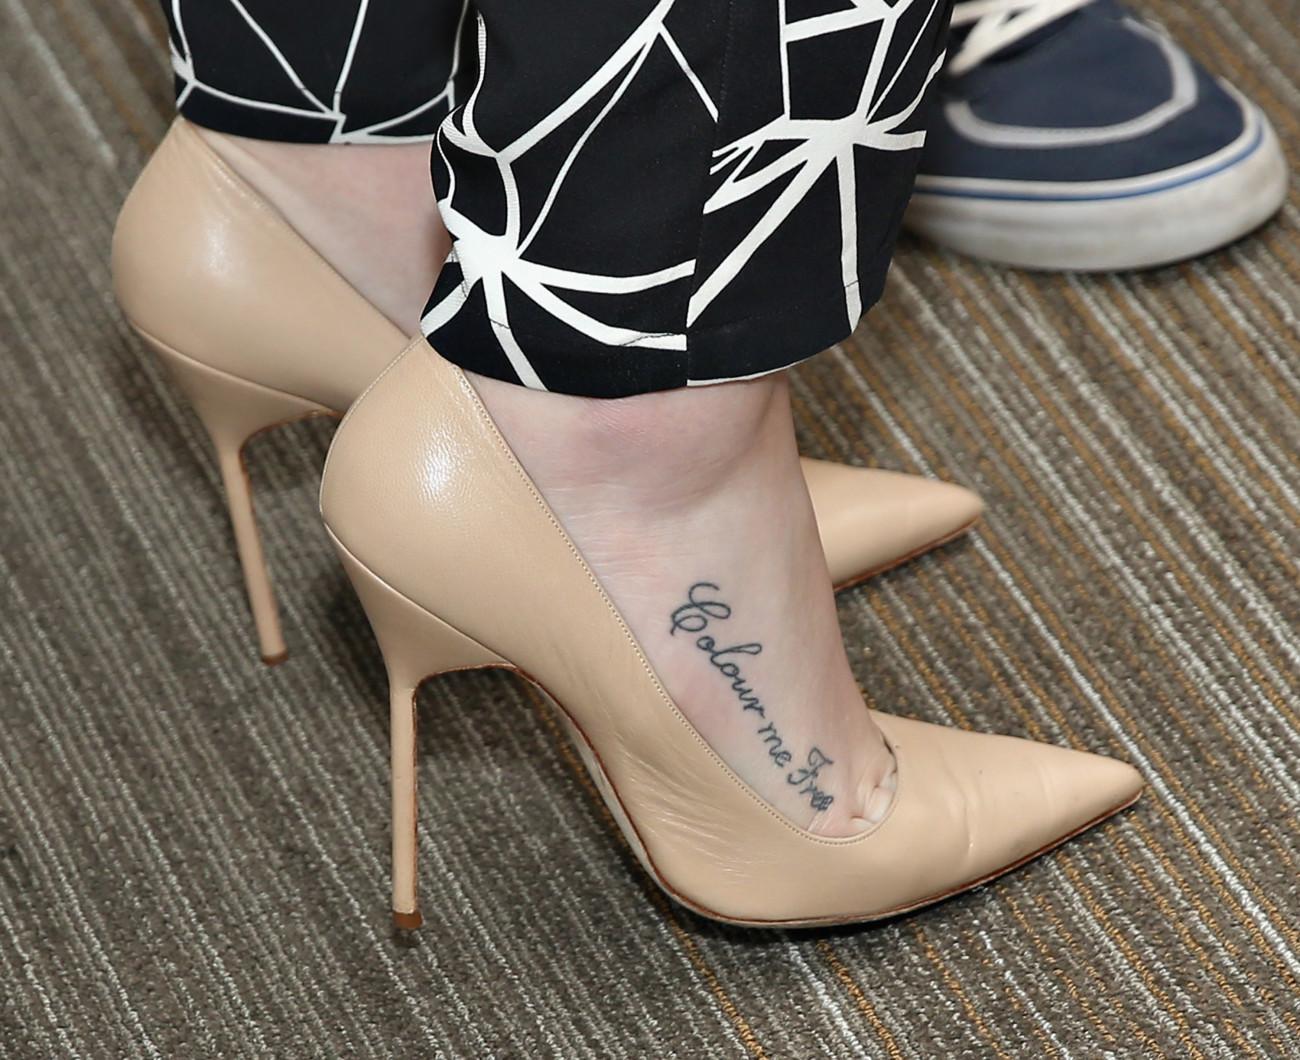 32 Tattoo-Sprüche: Kurz, aber aussagekräftig | erdbeerlounge.de - Schöne Tattoo Sprüche